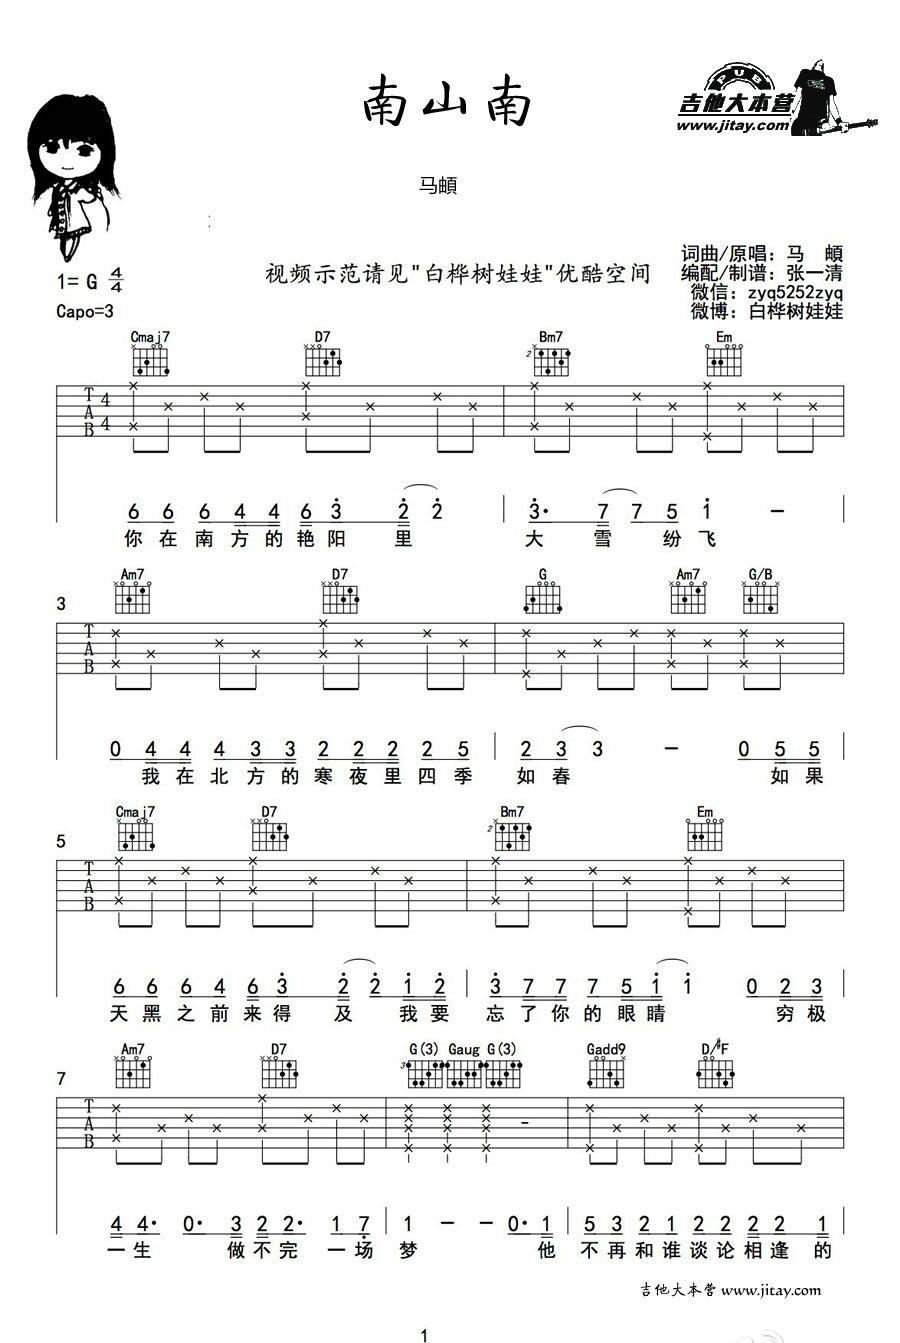 民谣吉他入门曲谱_求南山南民谣吉他乐谱_百度知道